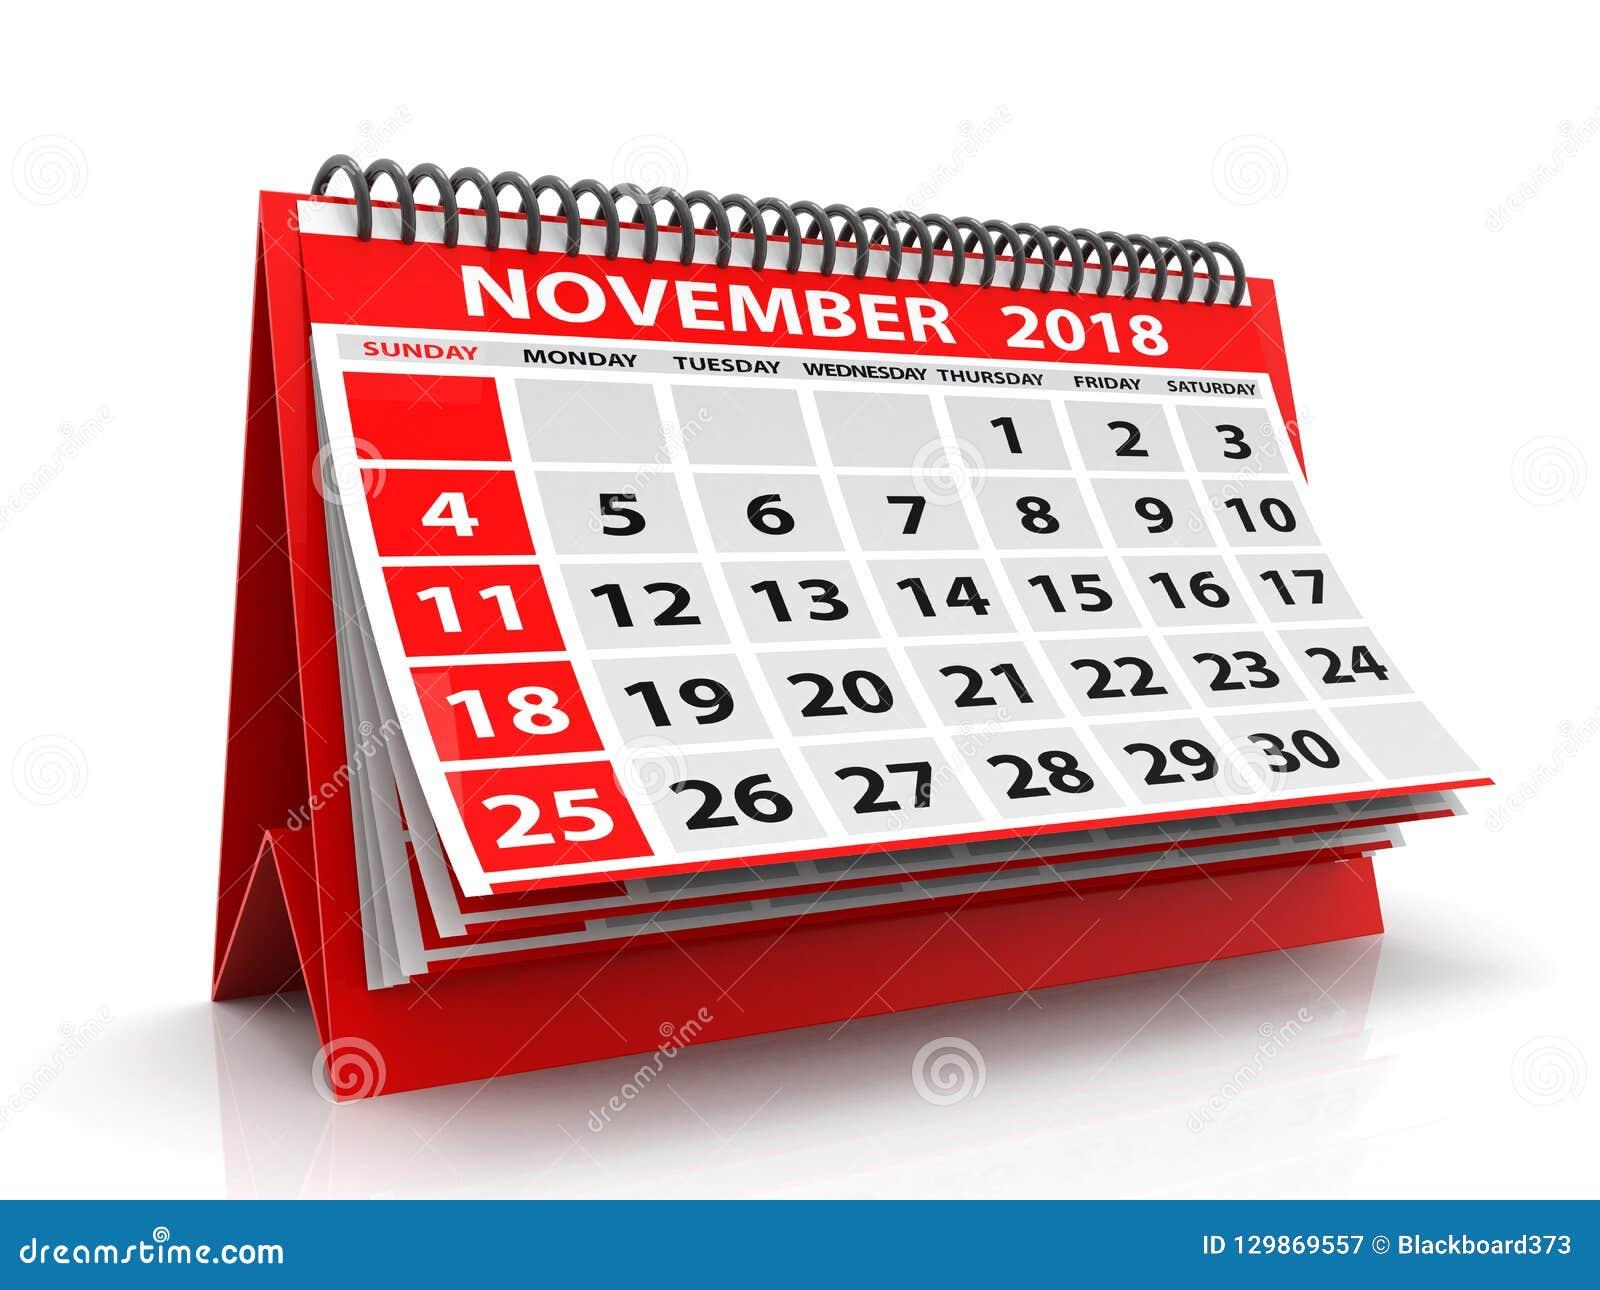 Calendario novembre 2018 a spirale Novembre 2018 calendario nel fondo bianco illustrazione 3D